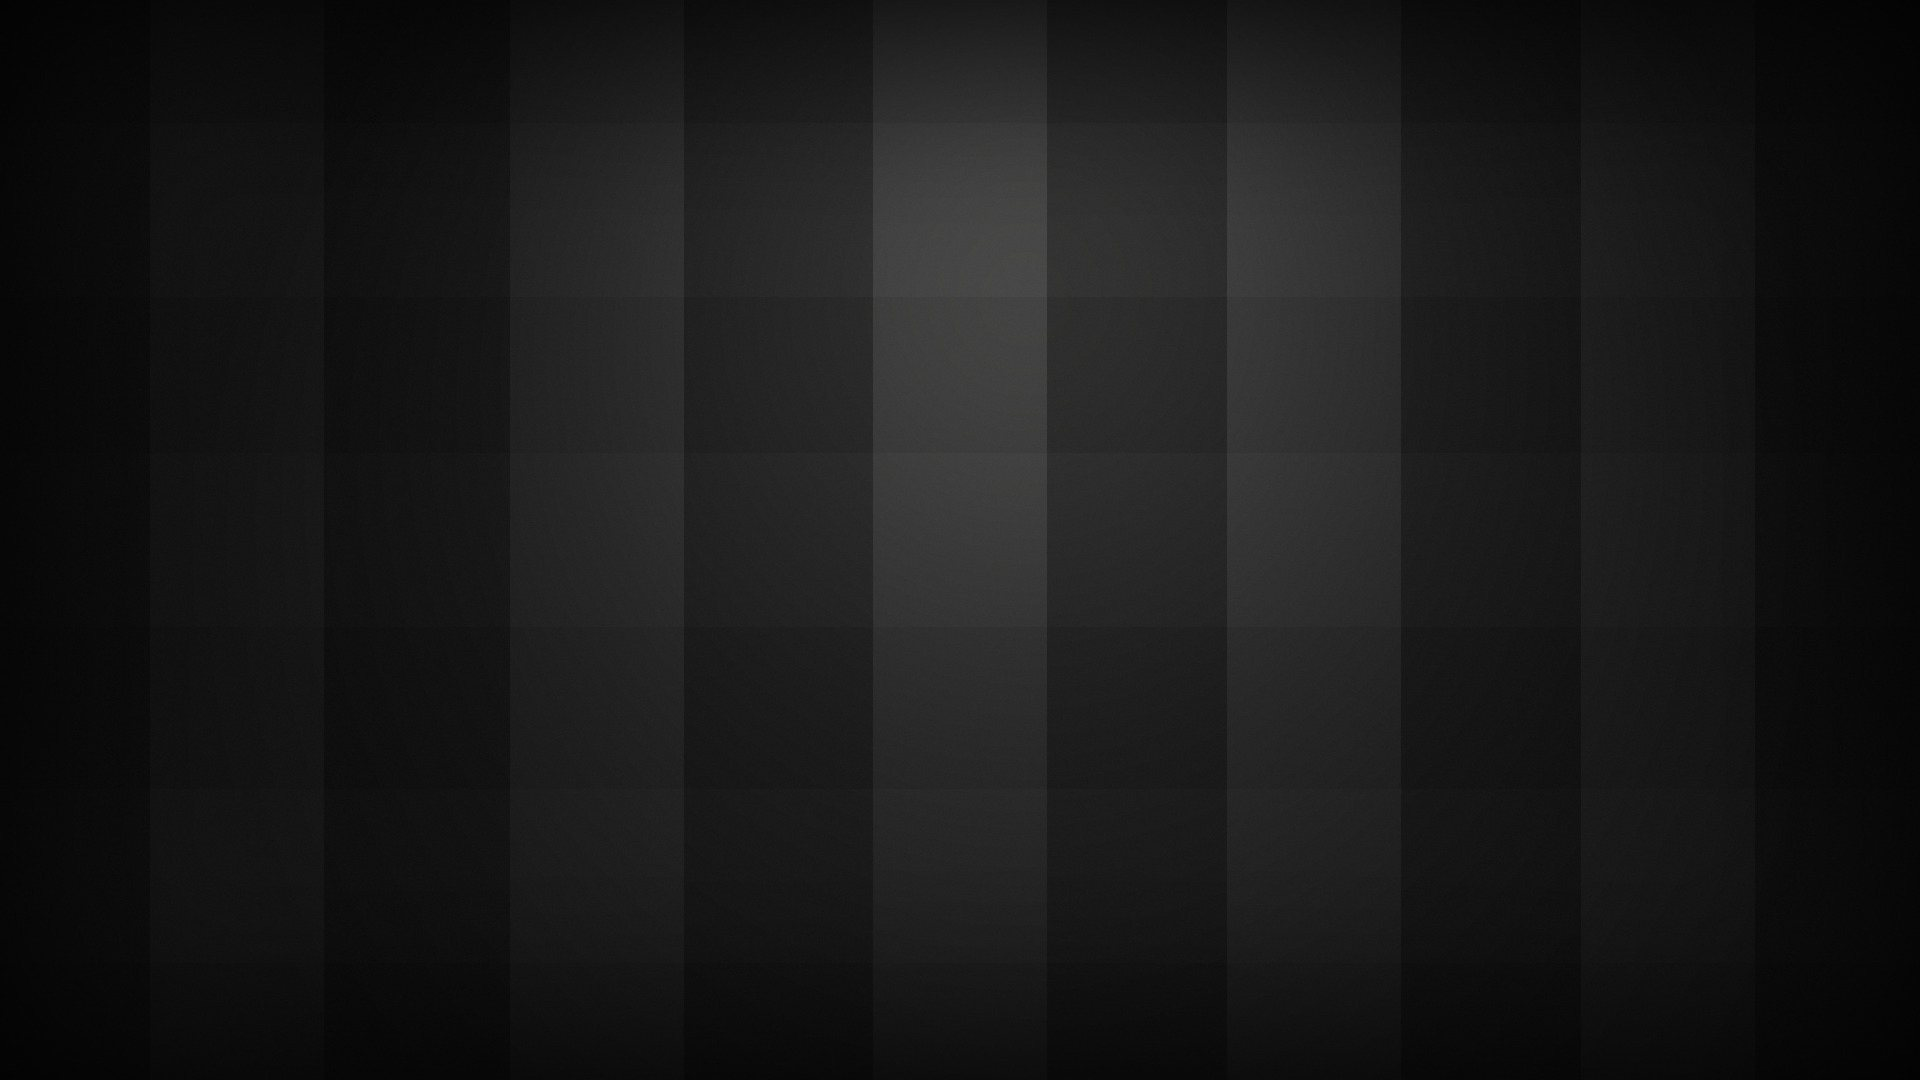 Bộ Hình Nền Màu đen Cực đẹp Cho Máy Tính Laptop